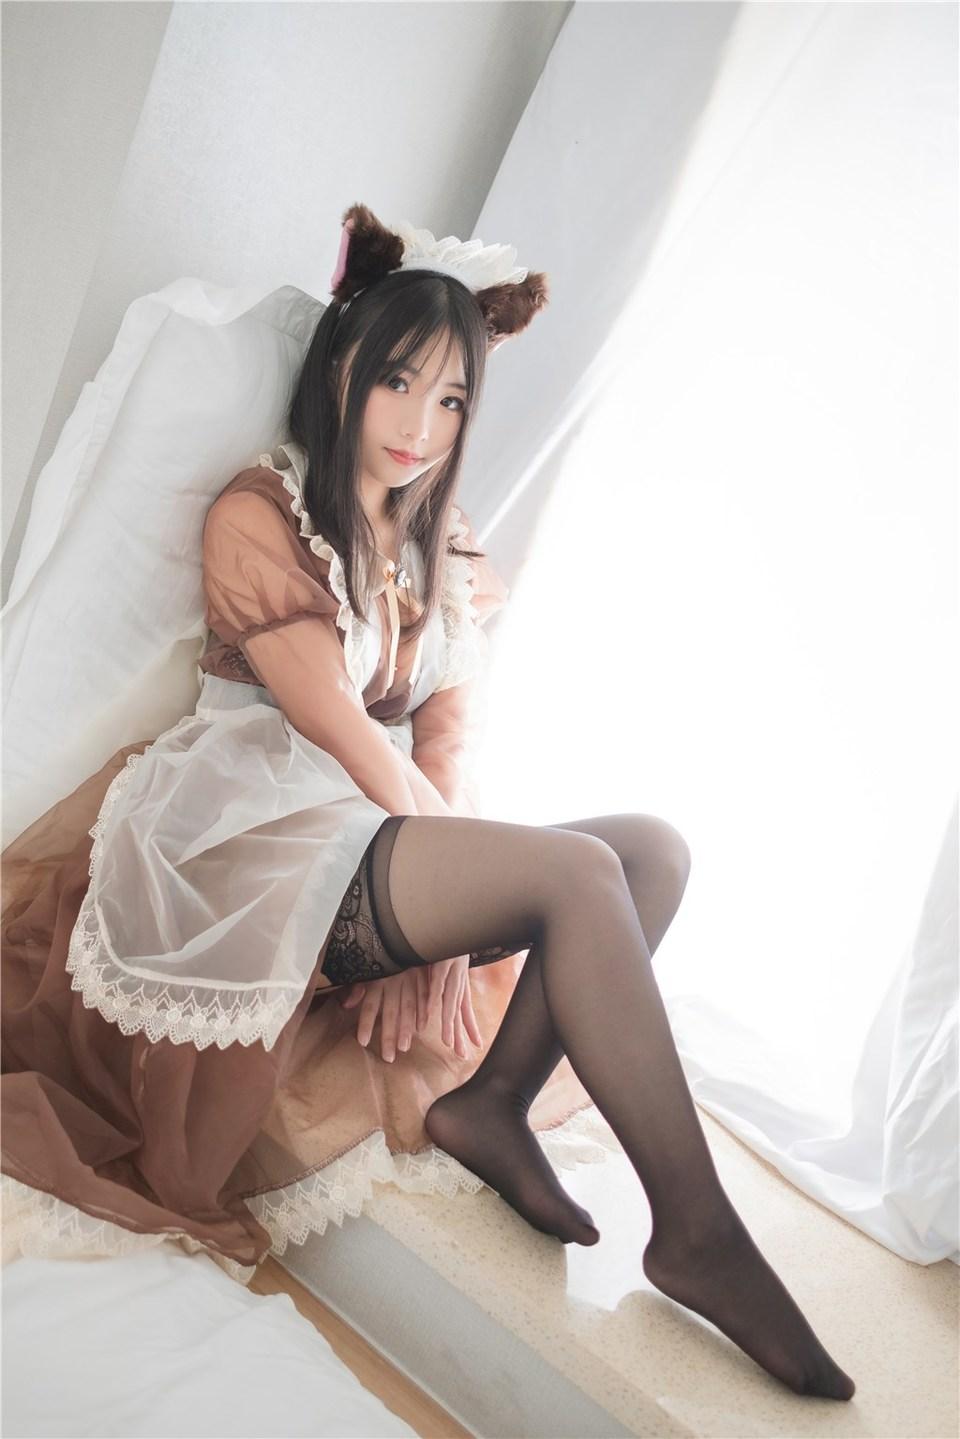 少女写真@透明女仆装 [43P]